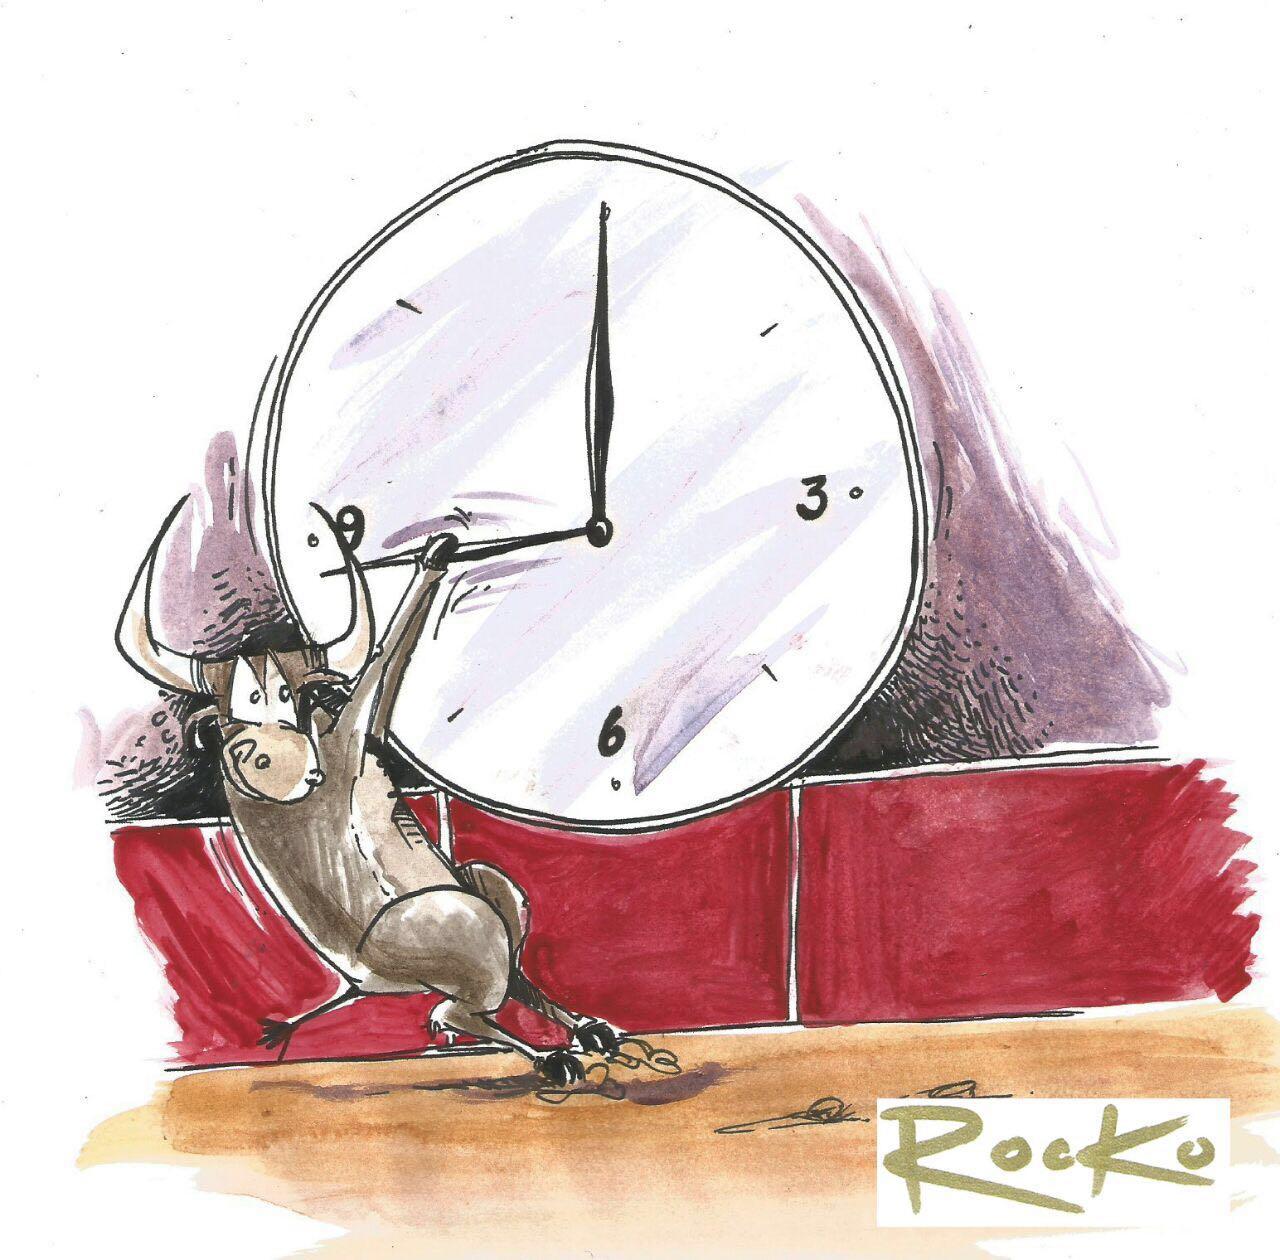 dibujo-rocko-beneficencia-victorianodelrio